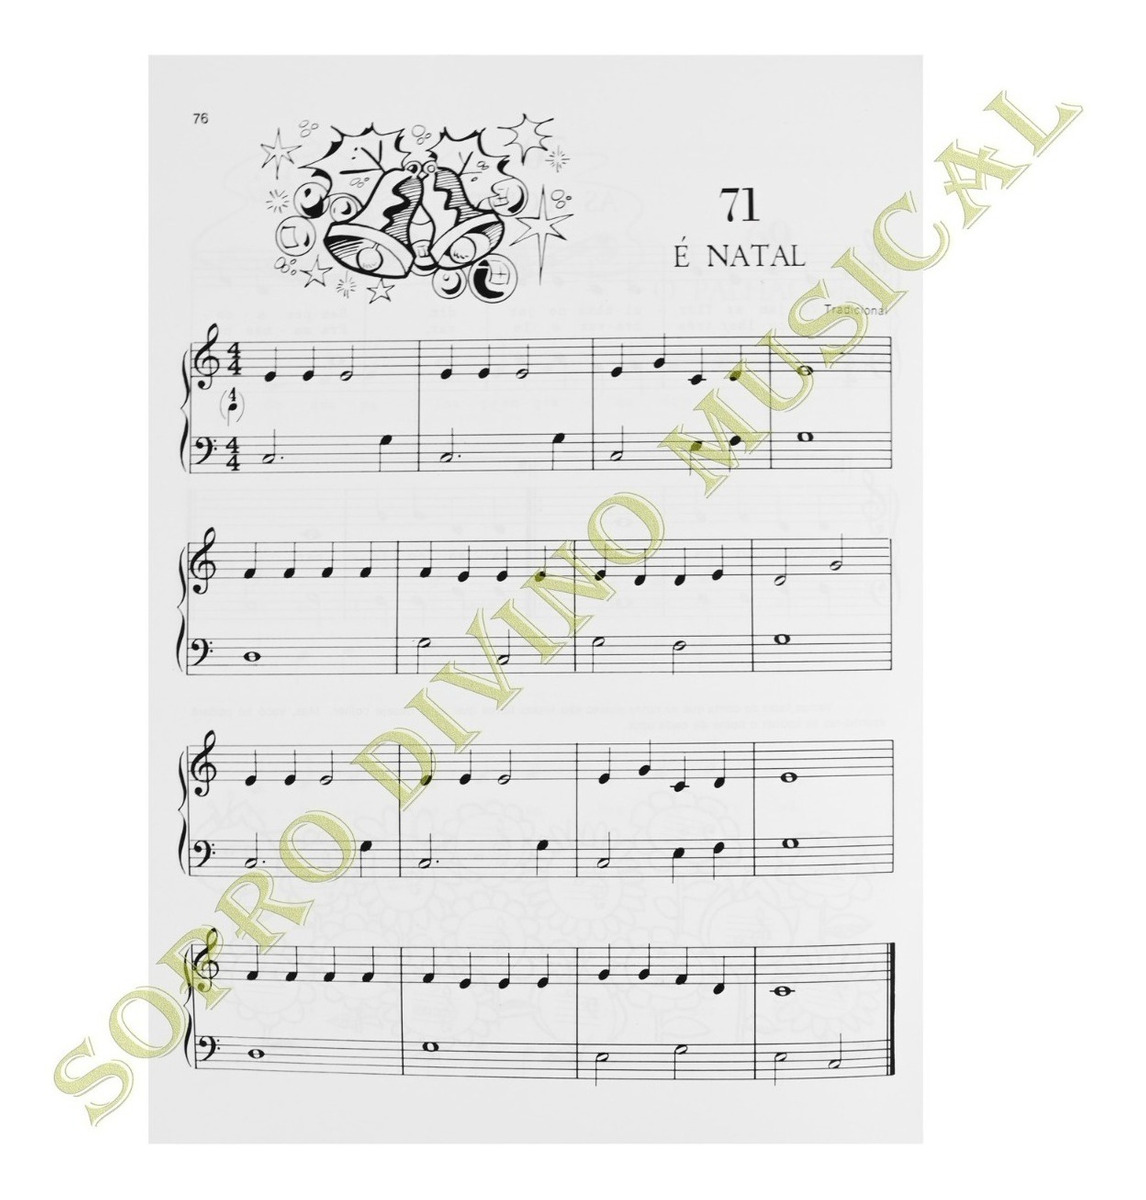 Kit Metodos Meu Piano E Divertido Vol 1 E Vol 2 R 99 99 Em